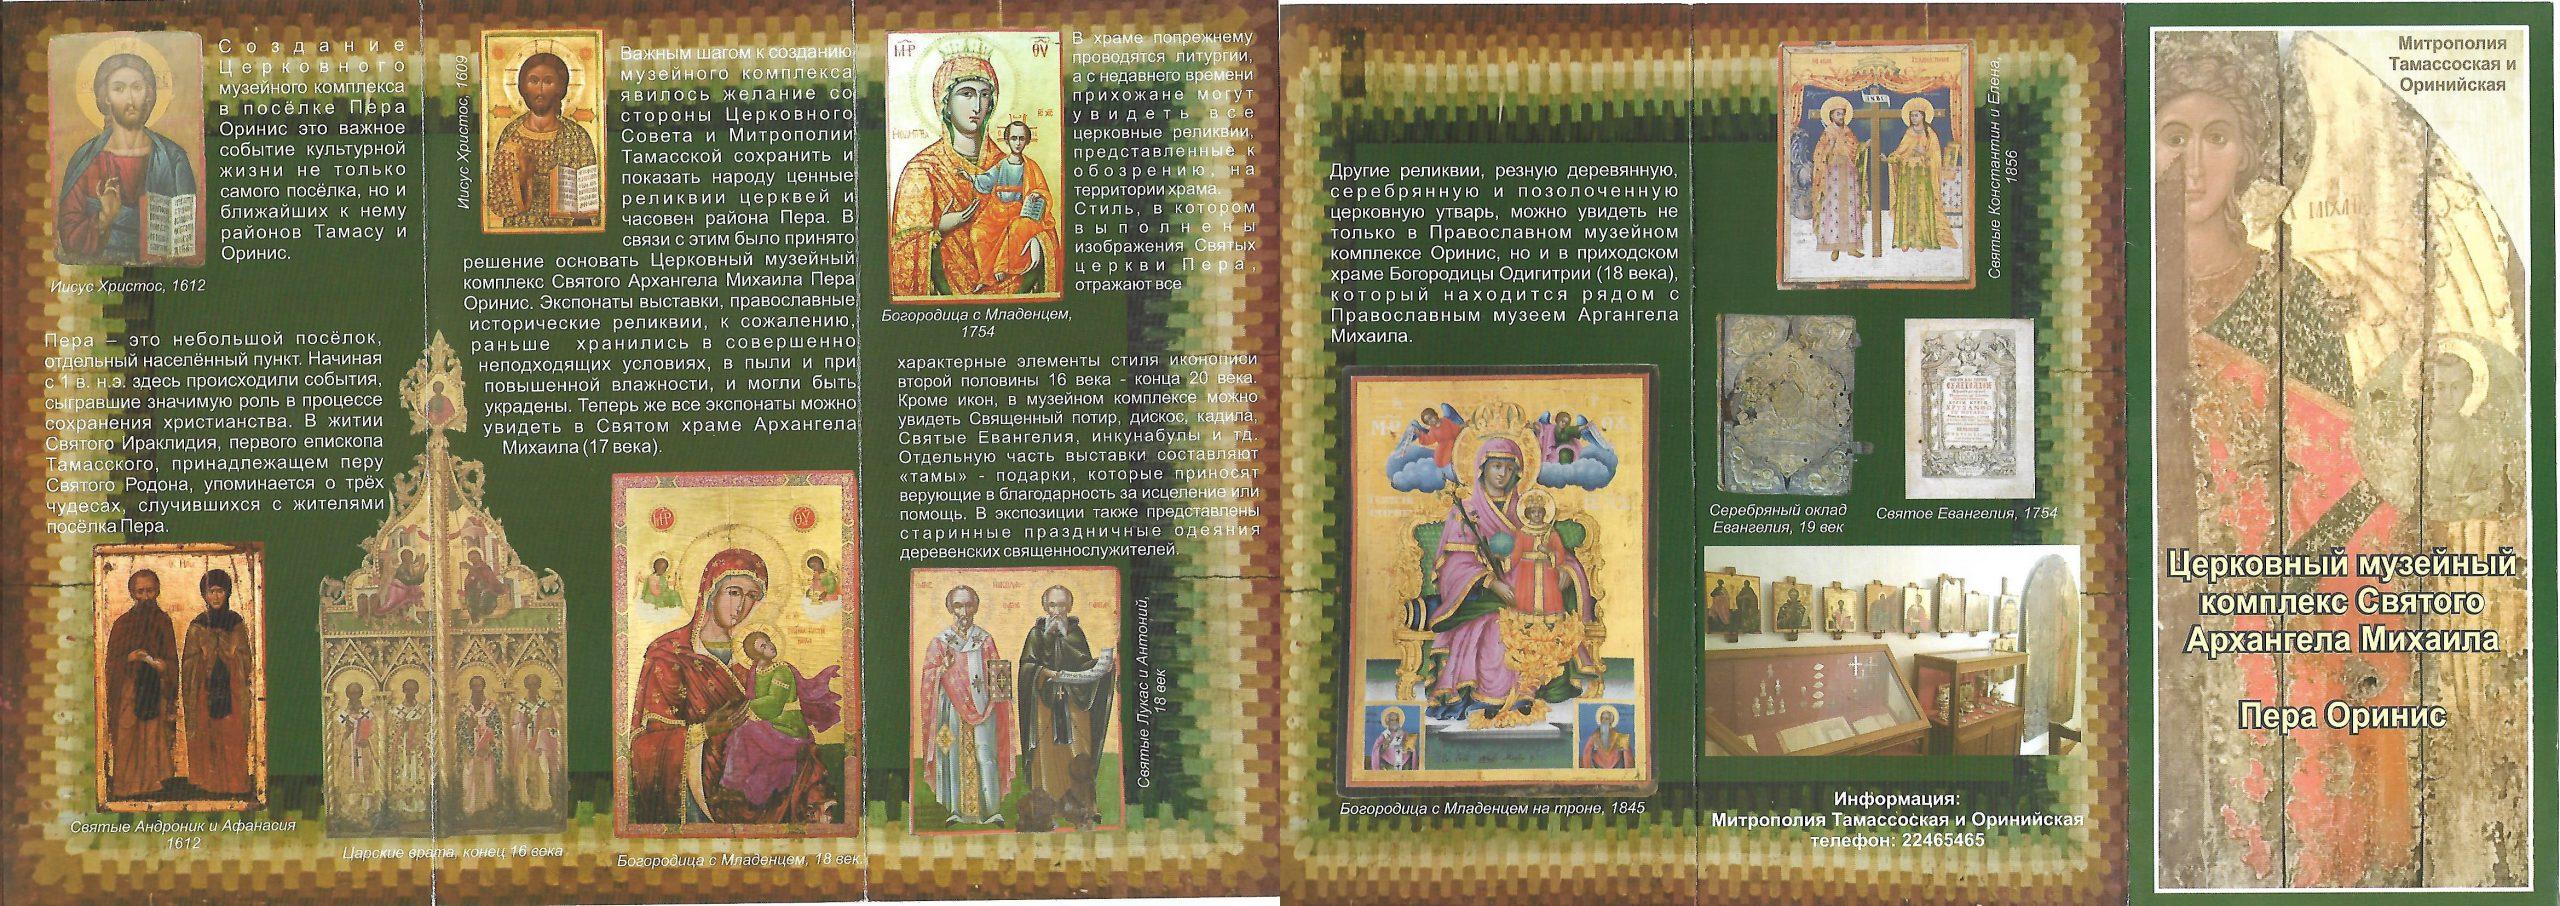 Τρίπτυχο Εκκλησιαστικού Μουσείου στα ΡΩΣΣΙΚΑ